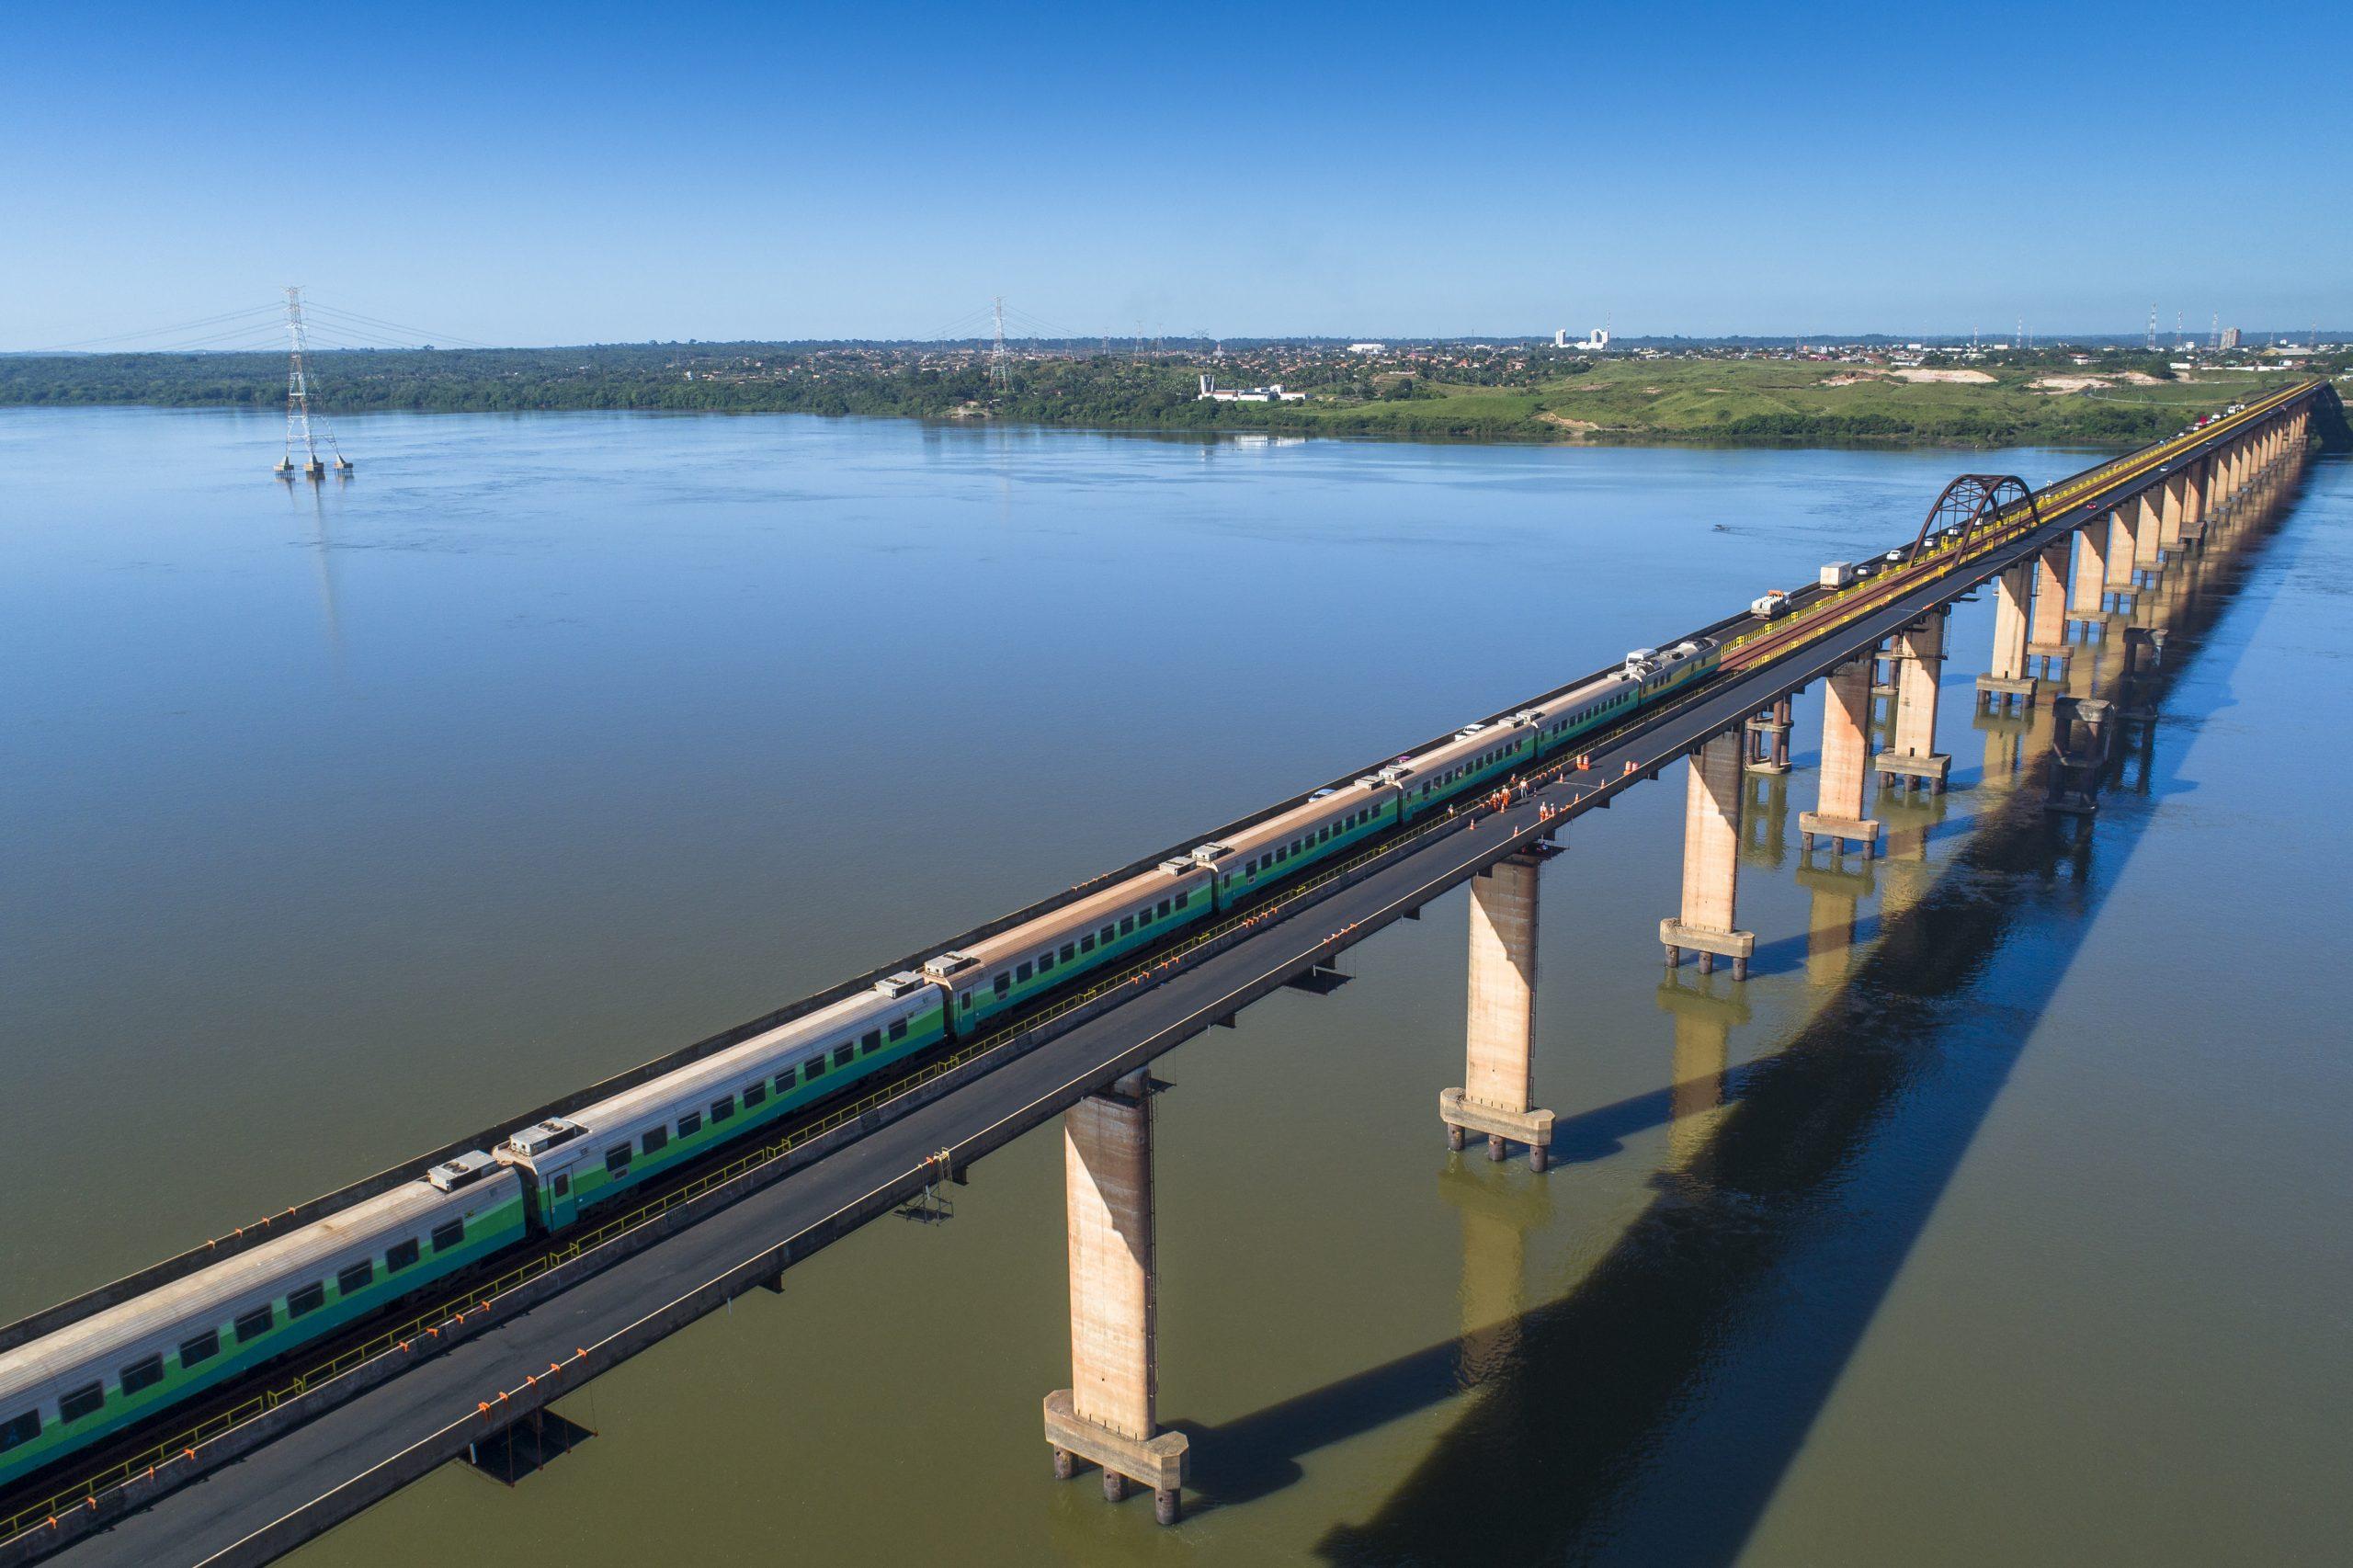 Trem de passageiros da Vale cruza ponte entre Marabá e o bairro de São Félix, sobre o rio Tocantins. Foto: Ricardo Teles